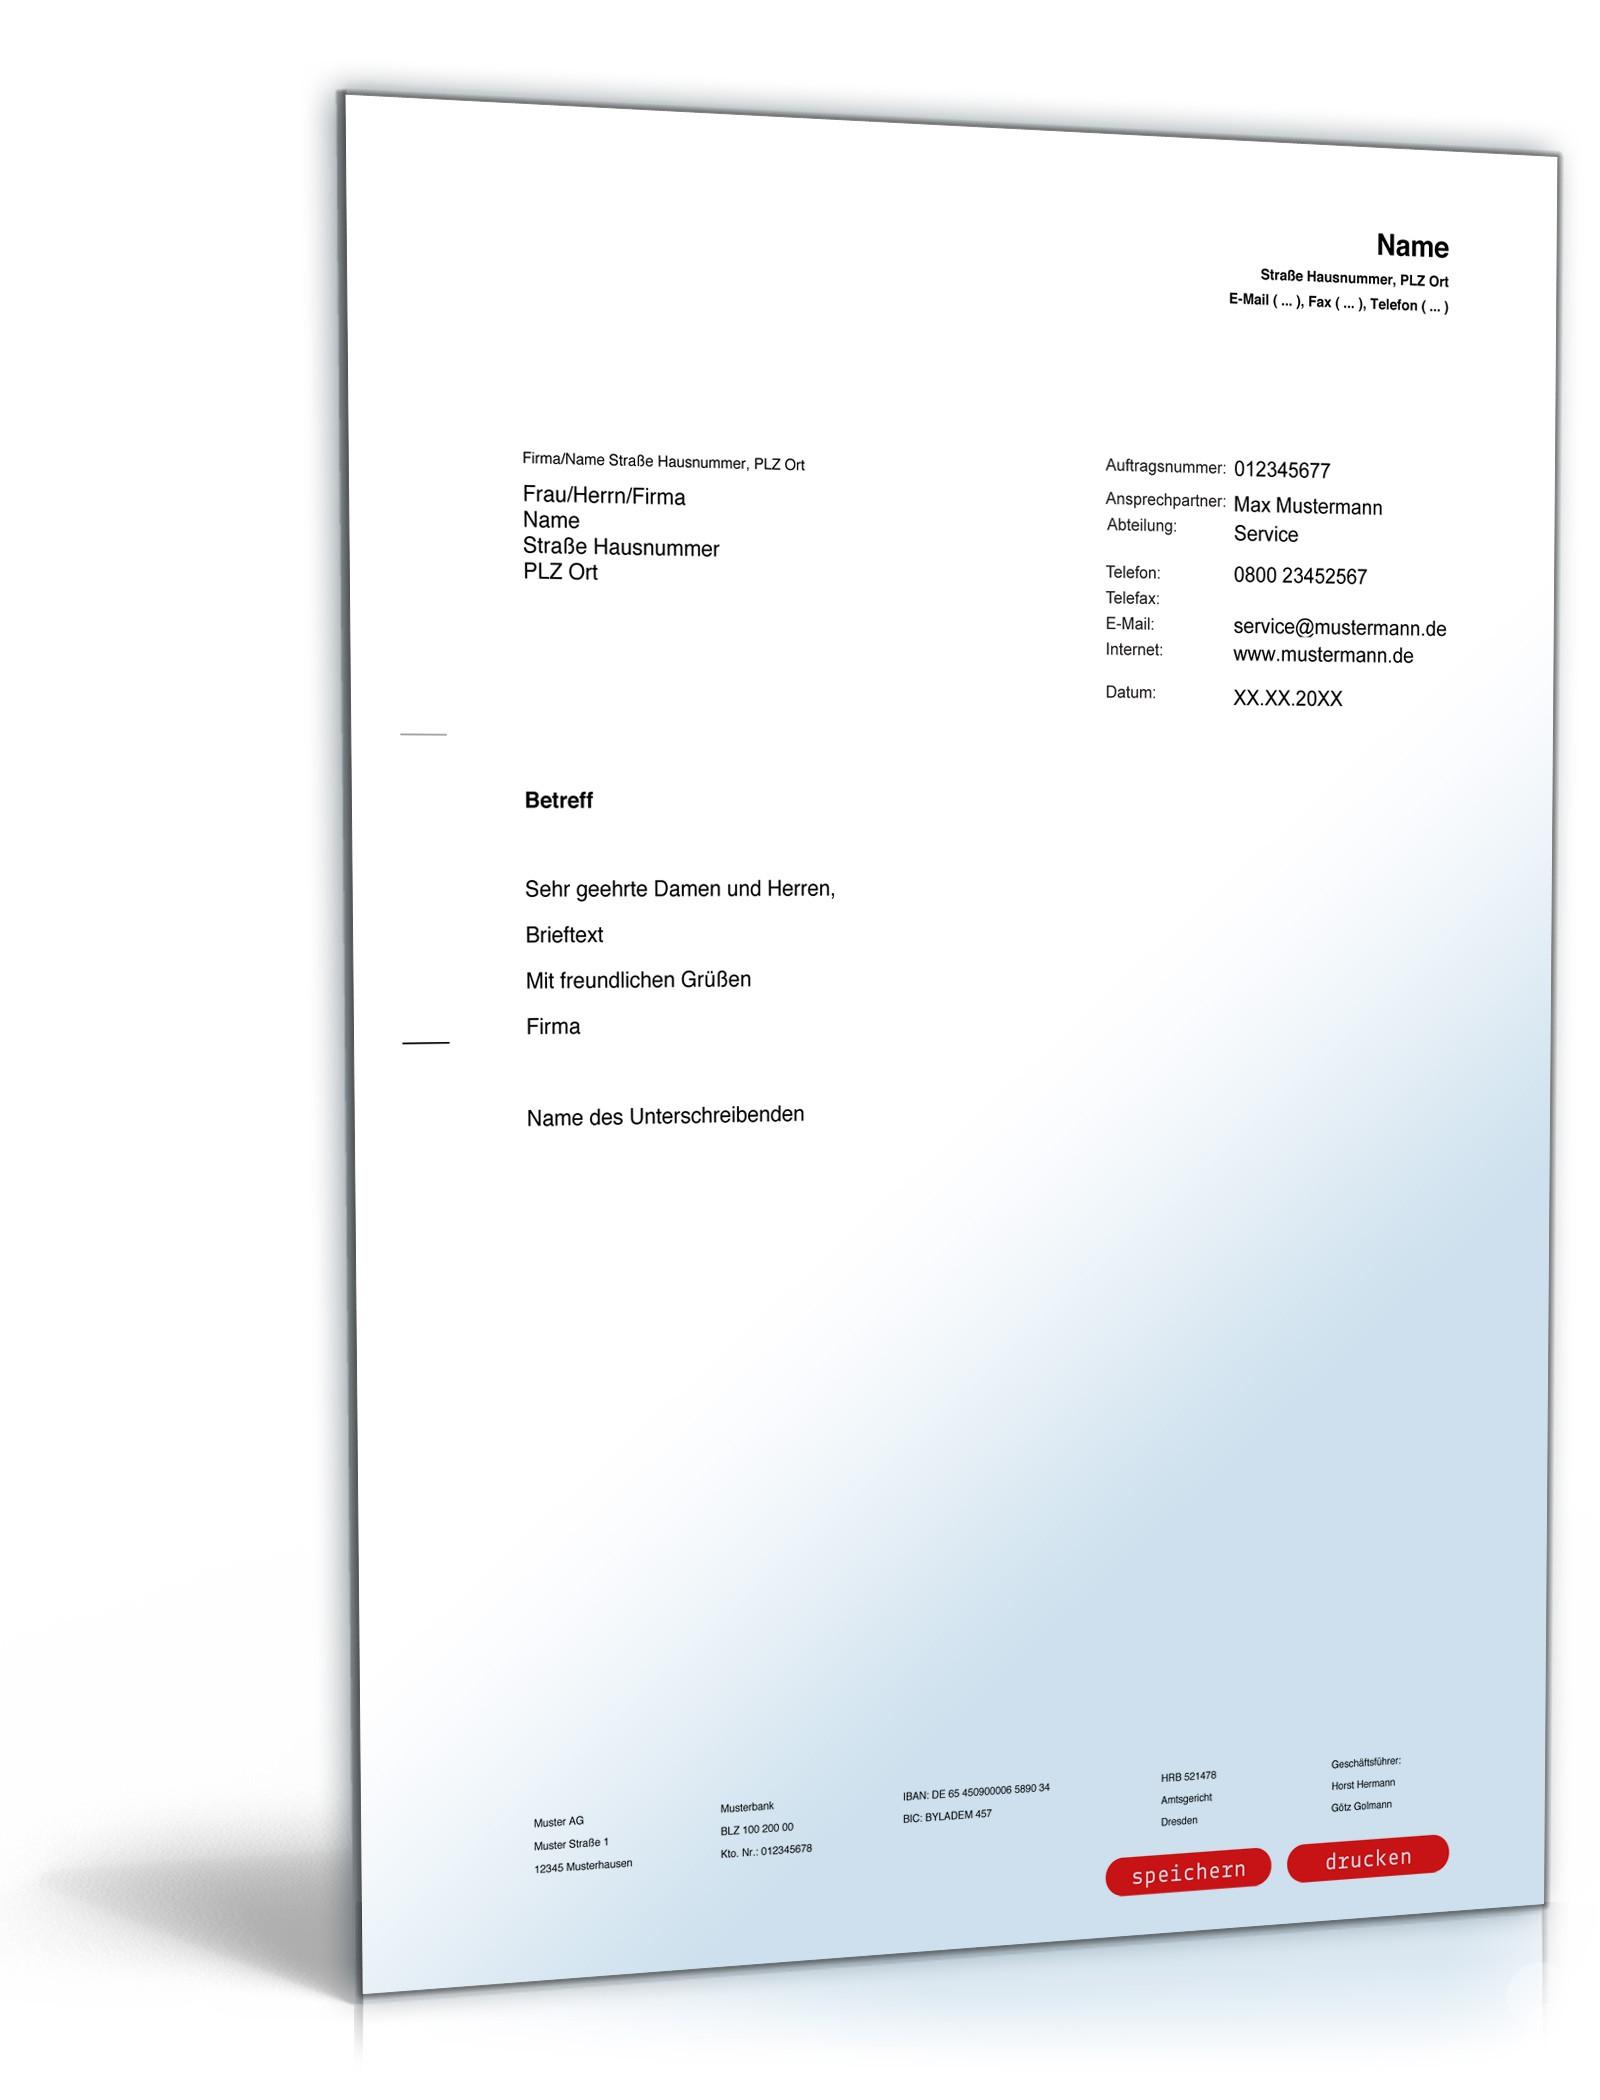 Allgemeiner Musterbrief Vorlage Zum Download